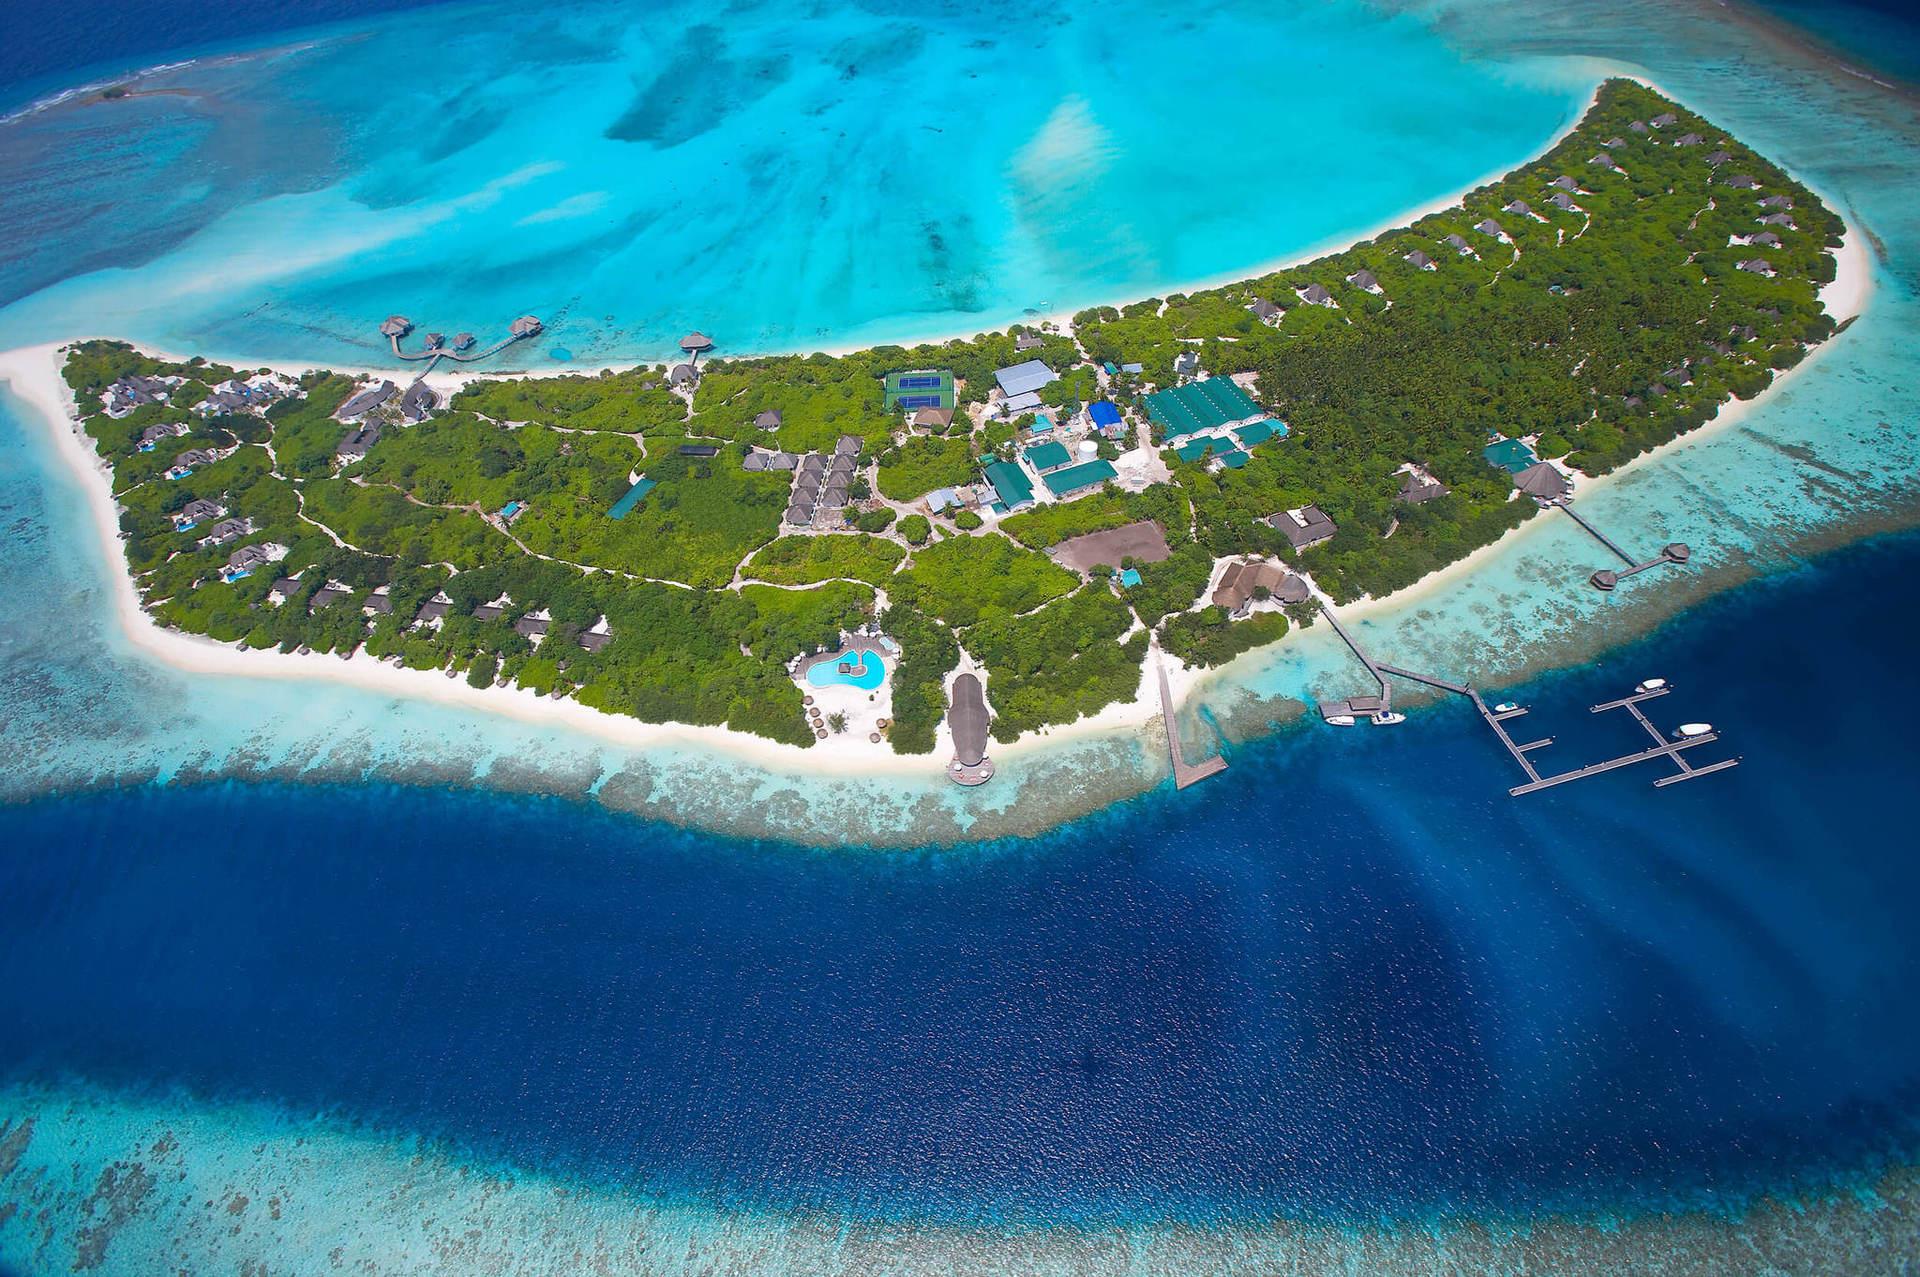 Остров оточує незаймана природа, оскільки він знаходиться  далеко від судноплавних шляхів, тут багатий підводний світ і один з кращих рифів на Мальдівах